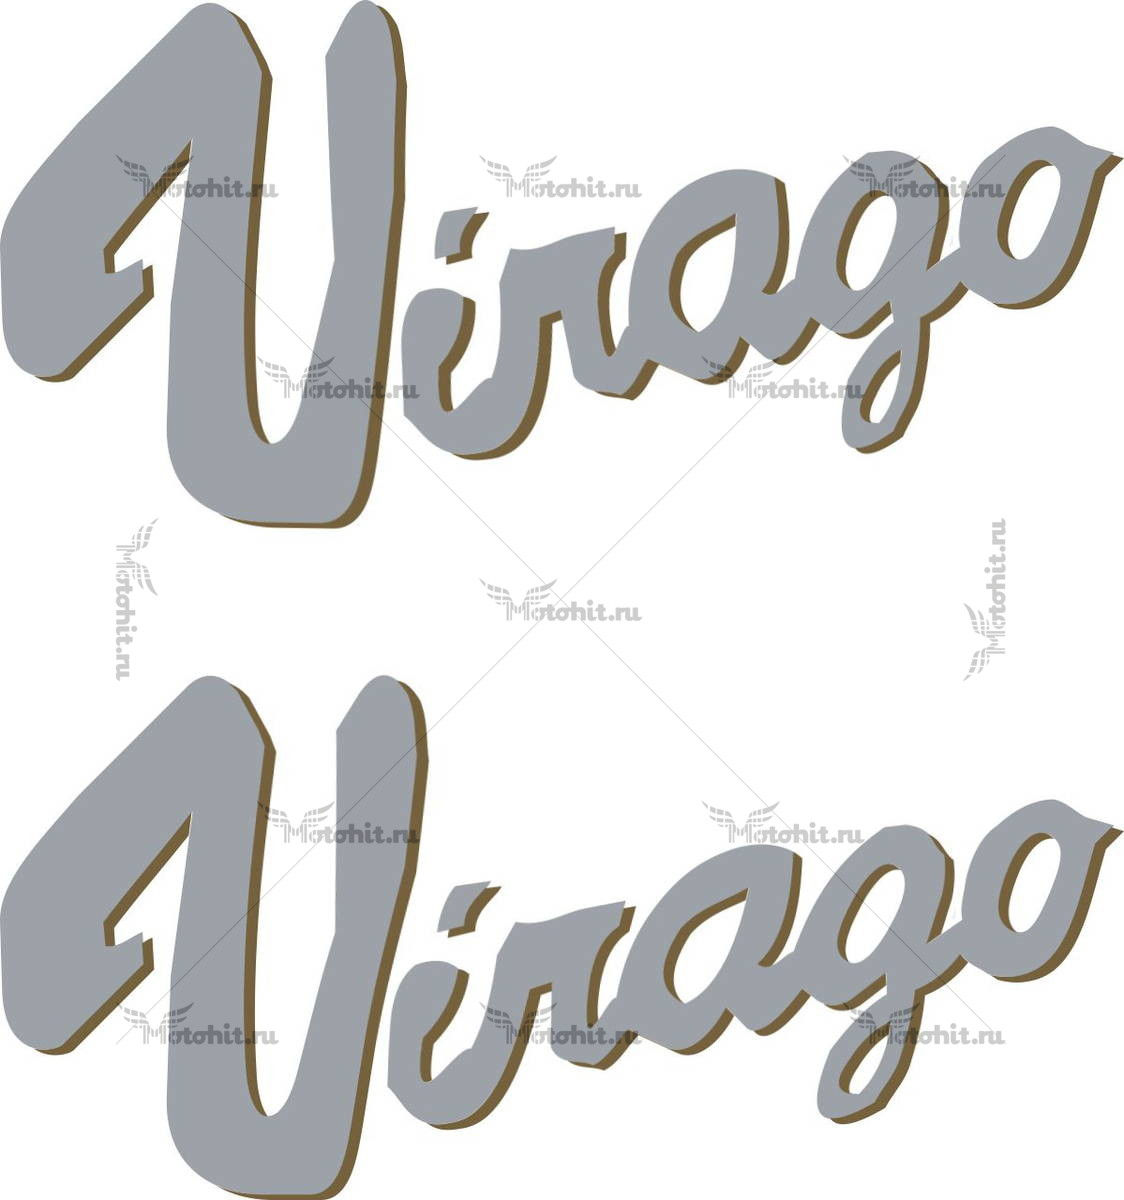 Наклейка Yamaha VIRAGO